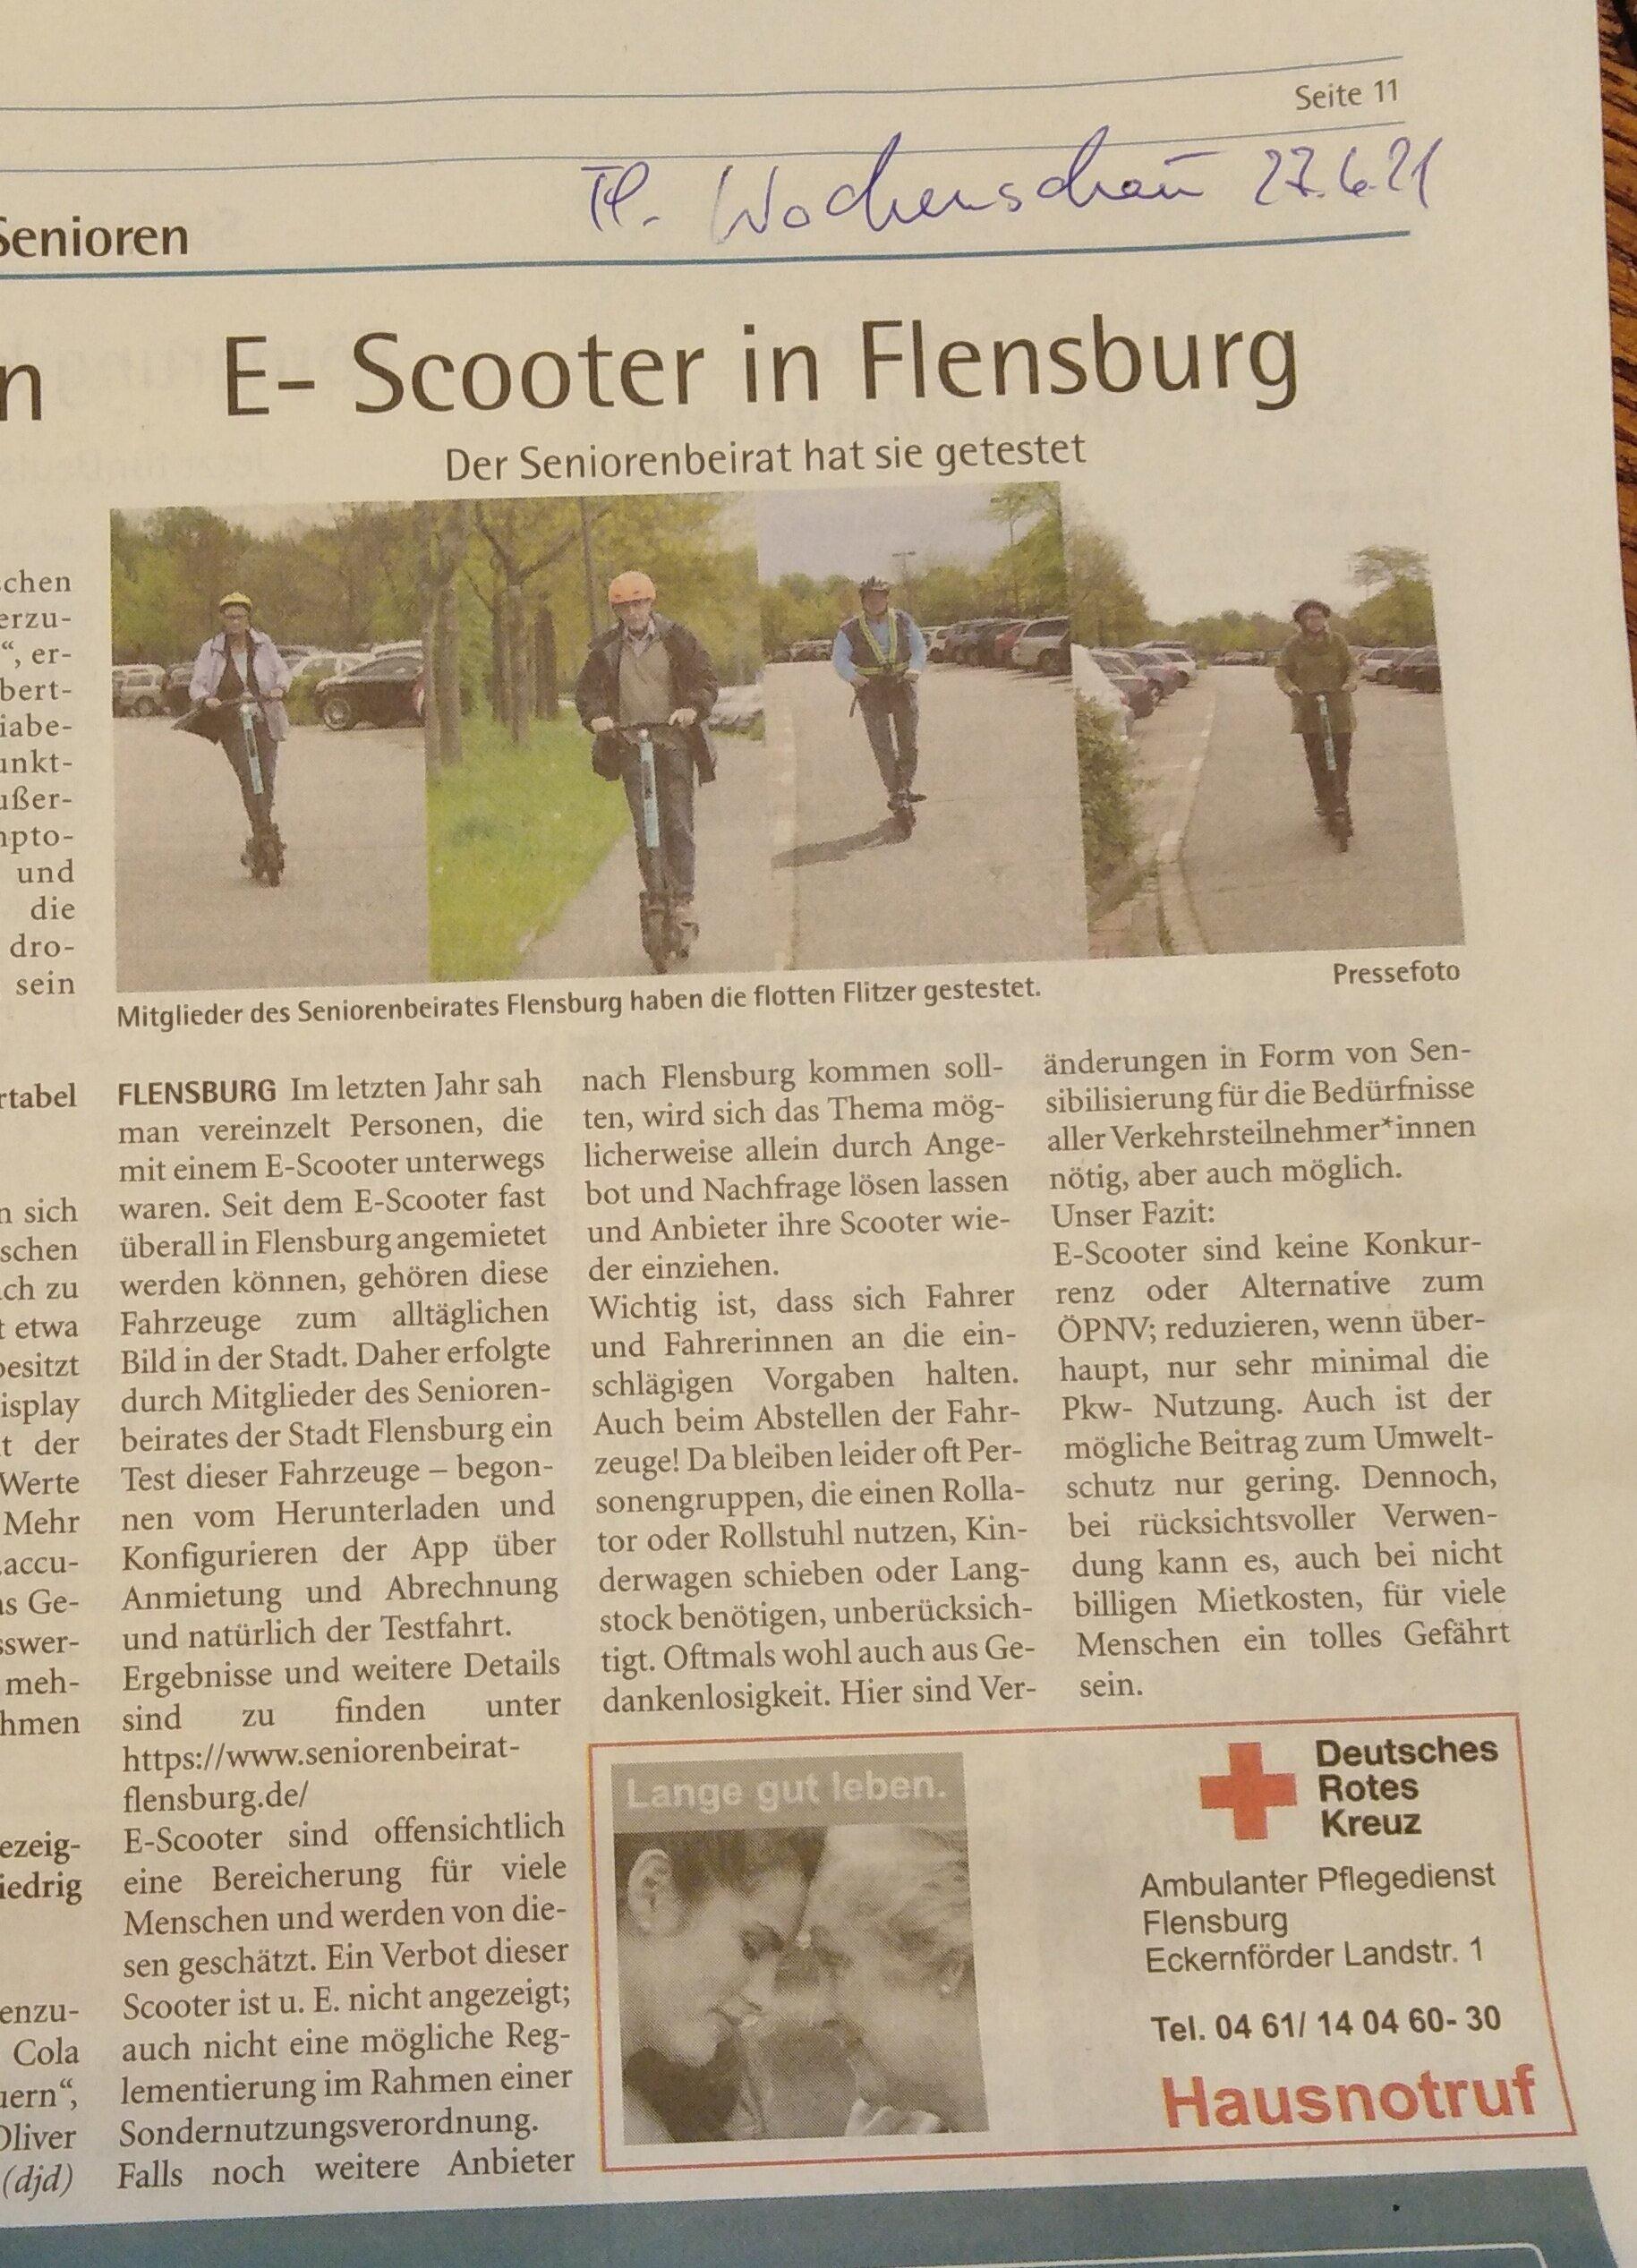 Flensburger Wochenschau